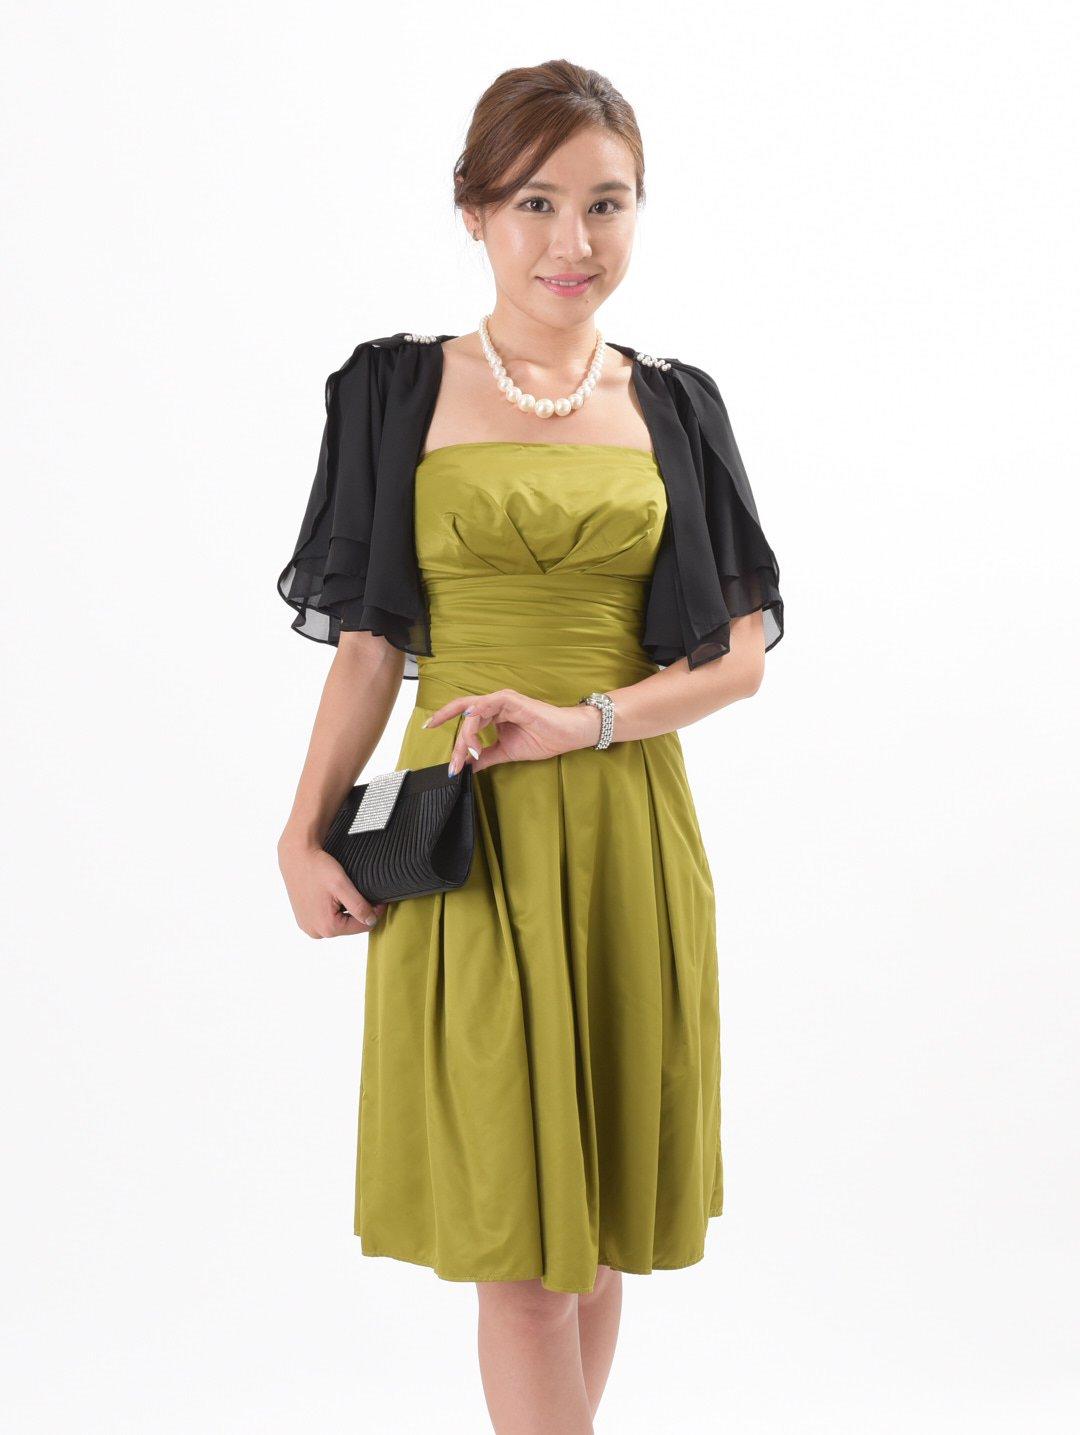 9f27bb0225deb AIMER ドレスのレンタル - DRESS SHARE (DF0181)